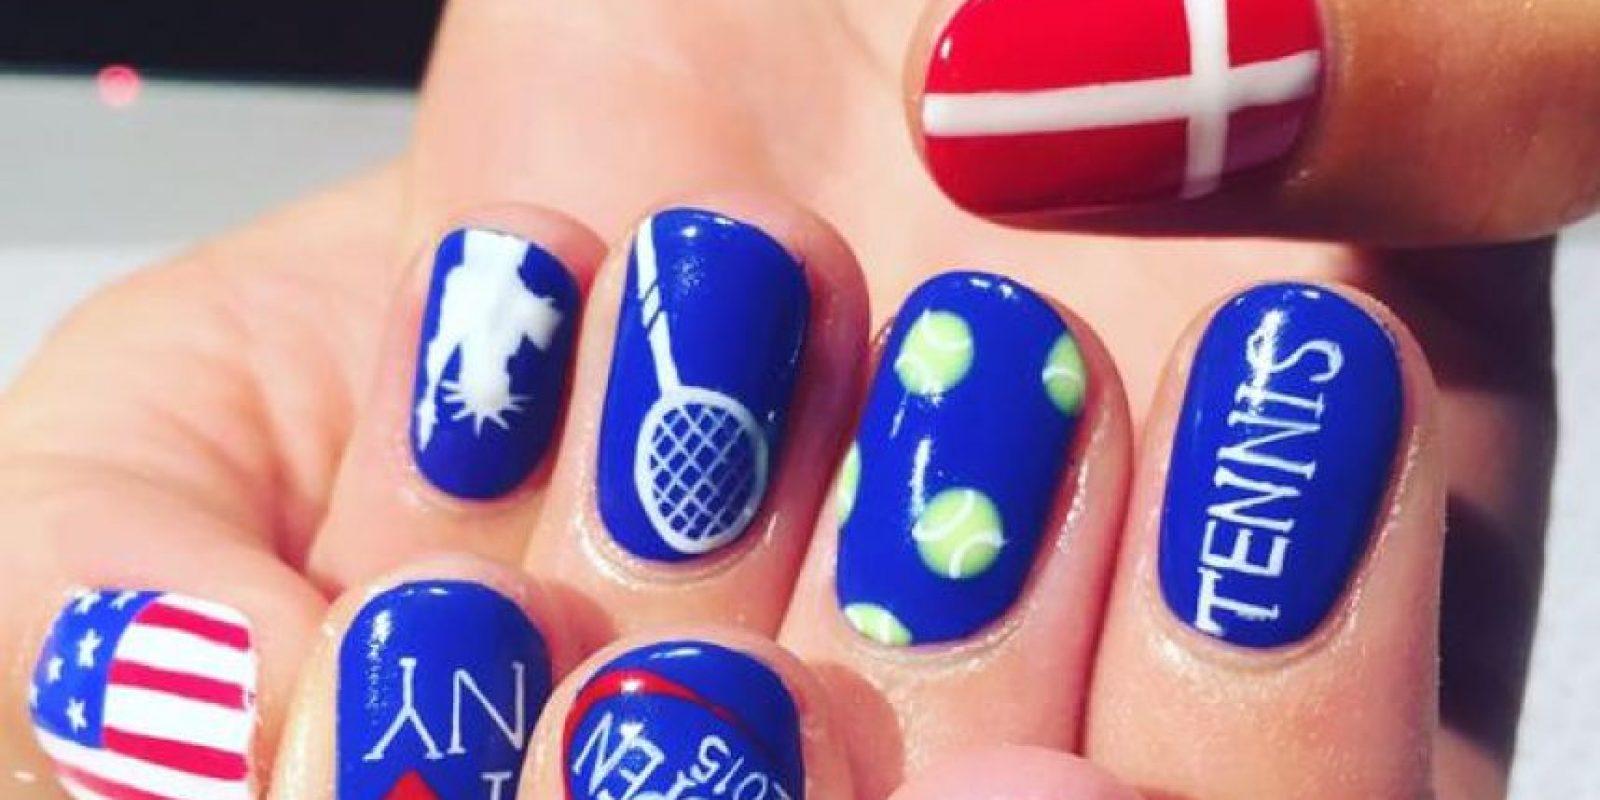 En tanto, la danesa Caroline Wozniacki compartió una imagen de sus uñas. Foto:Vía twitter.com/CaroWozniacki